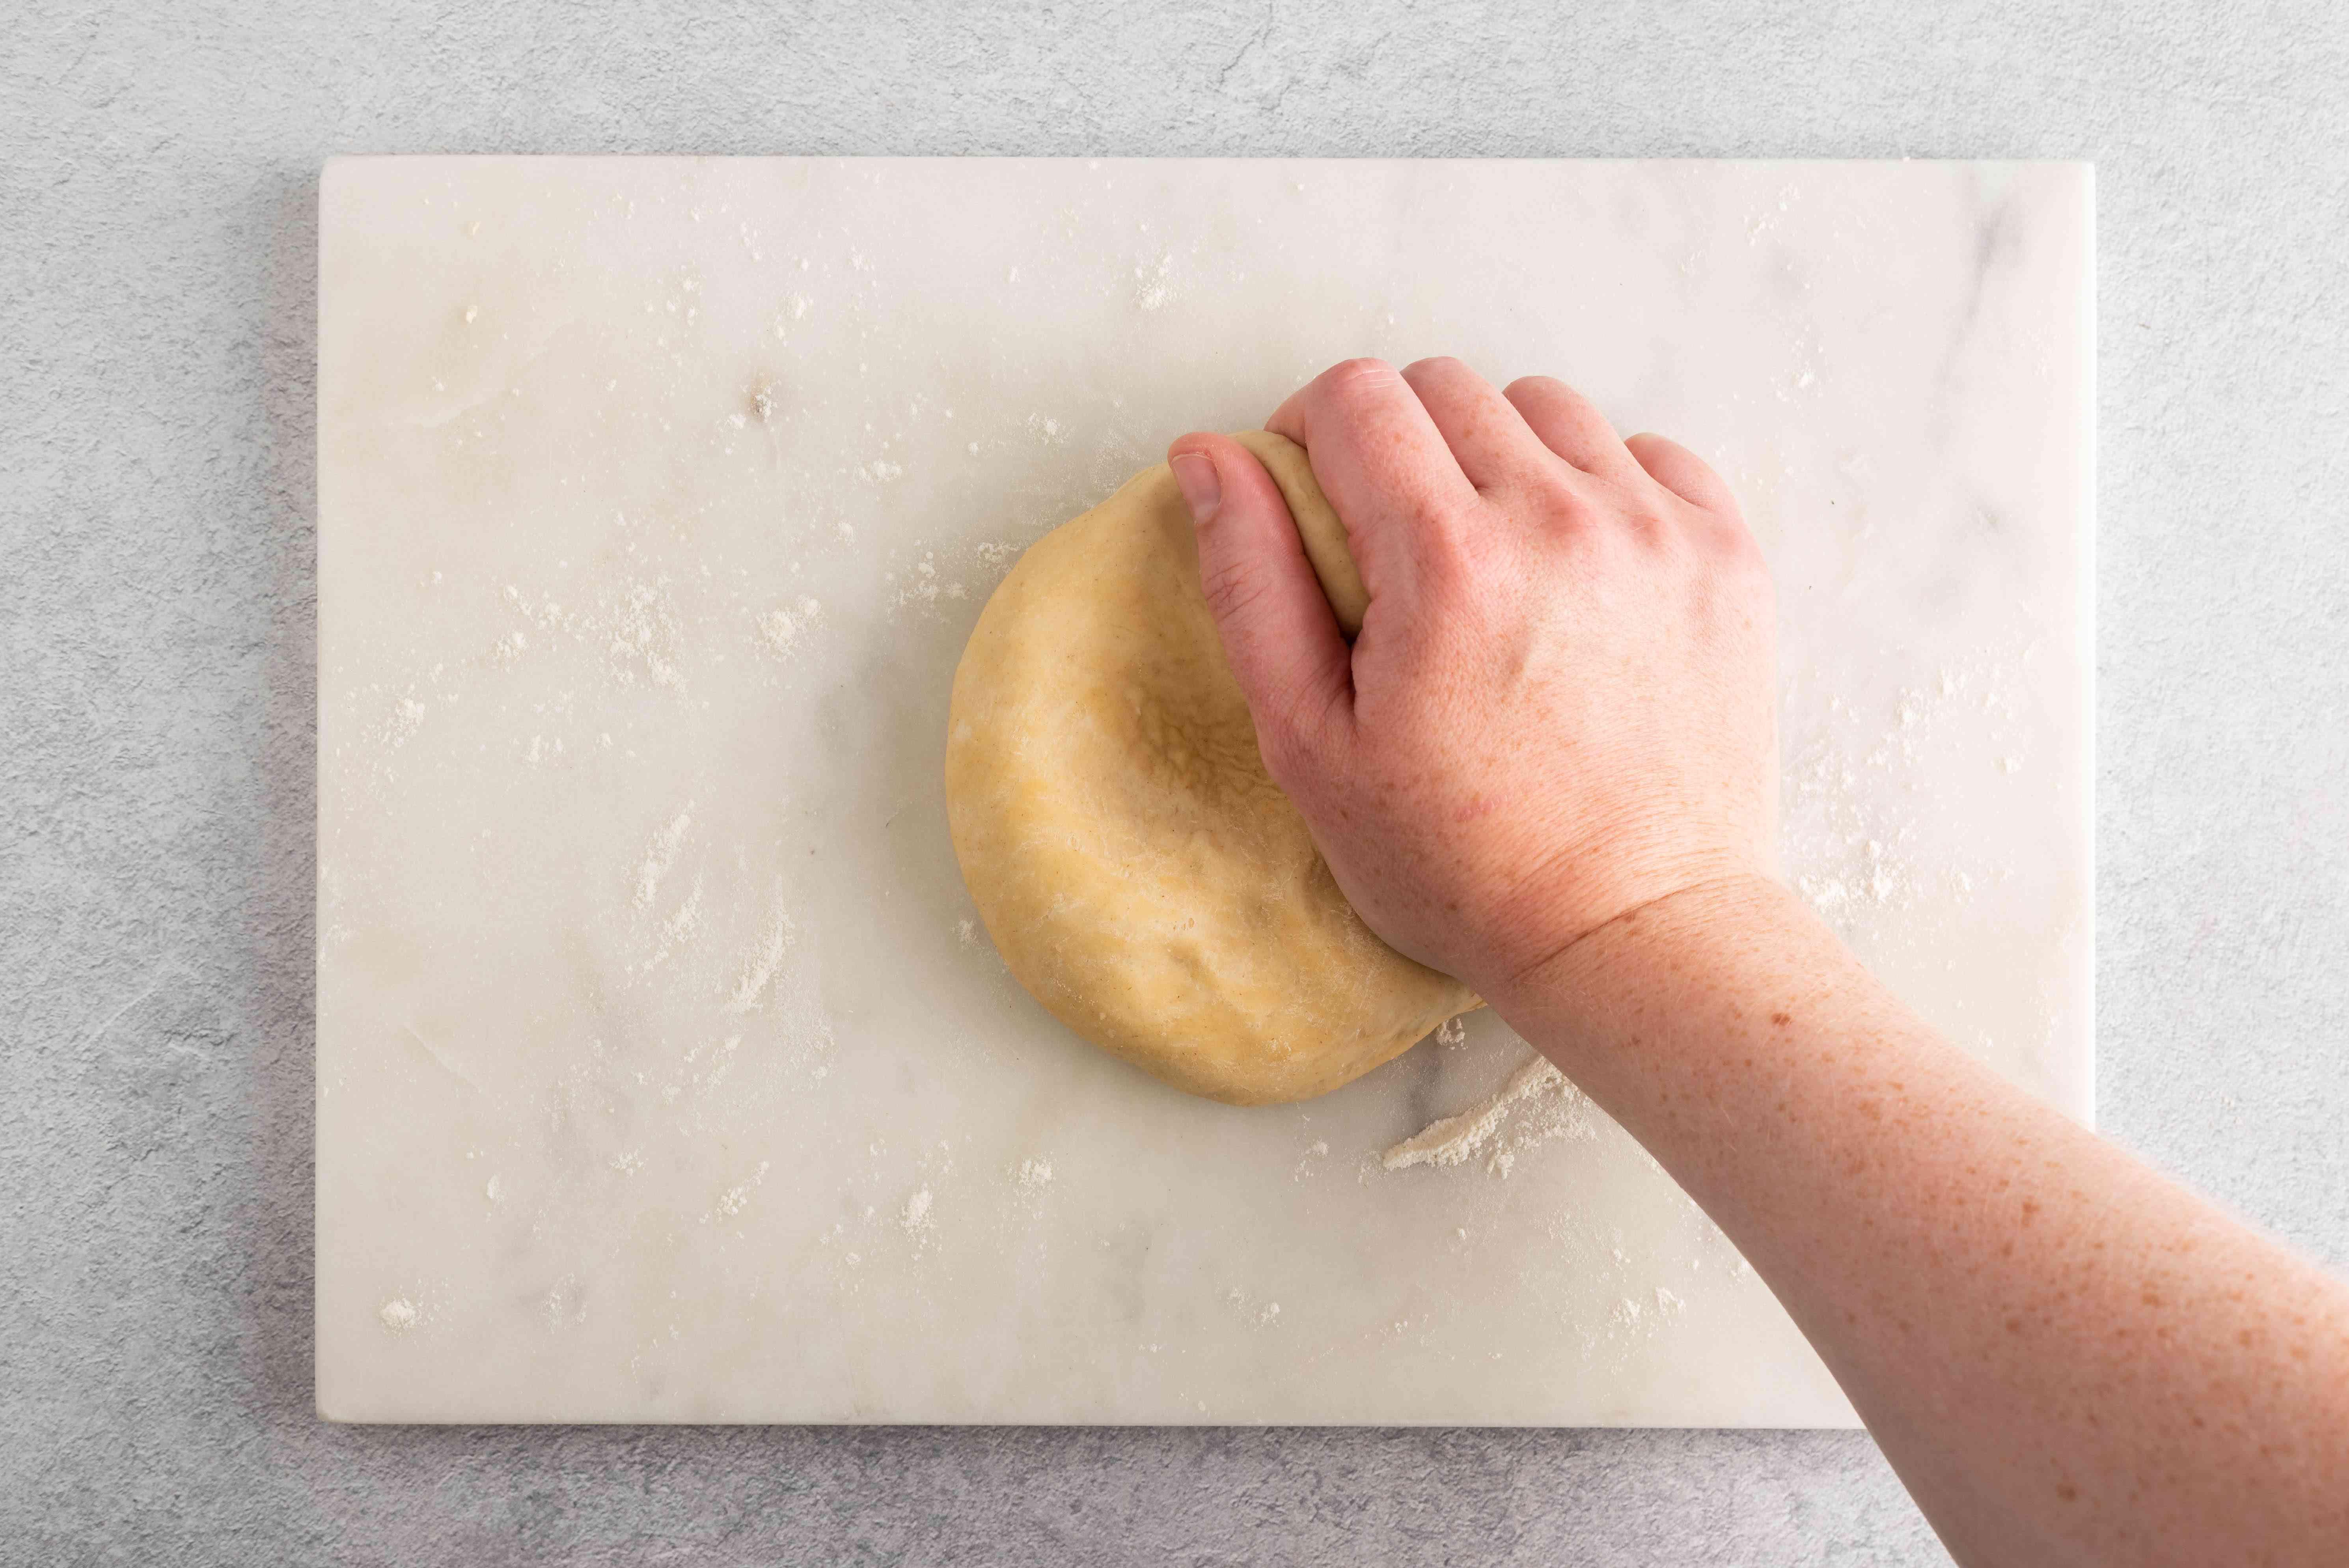 Turn dough